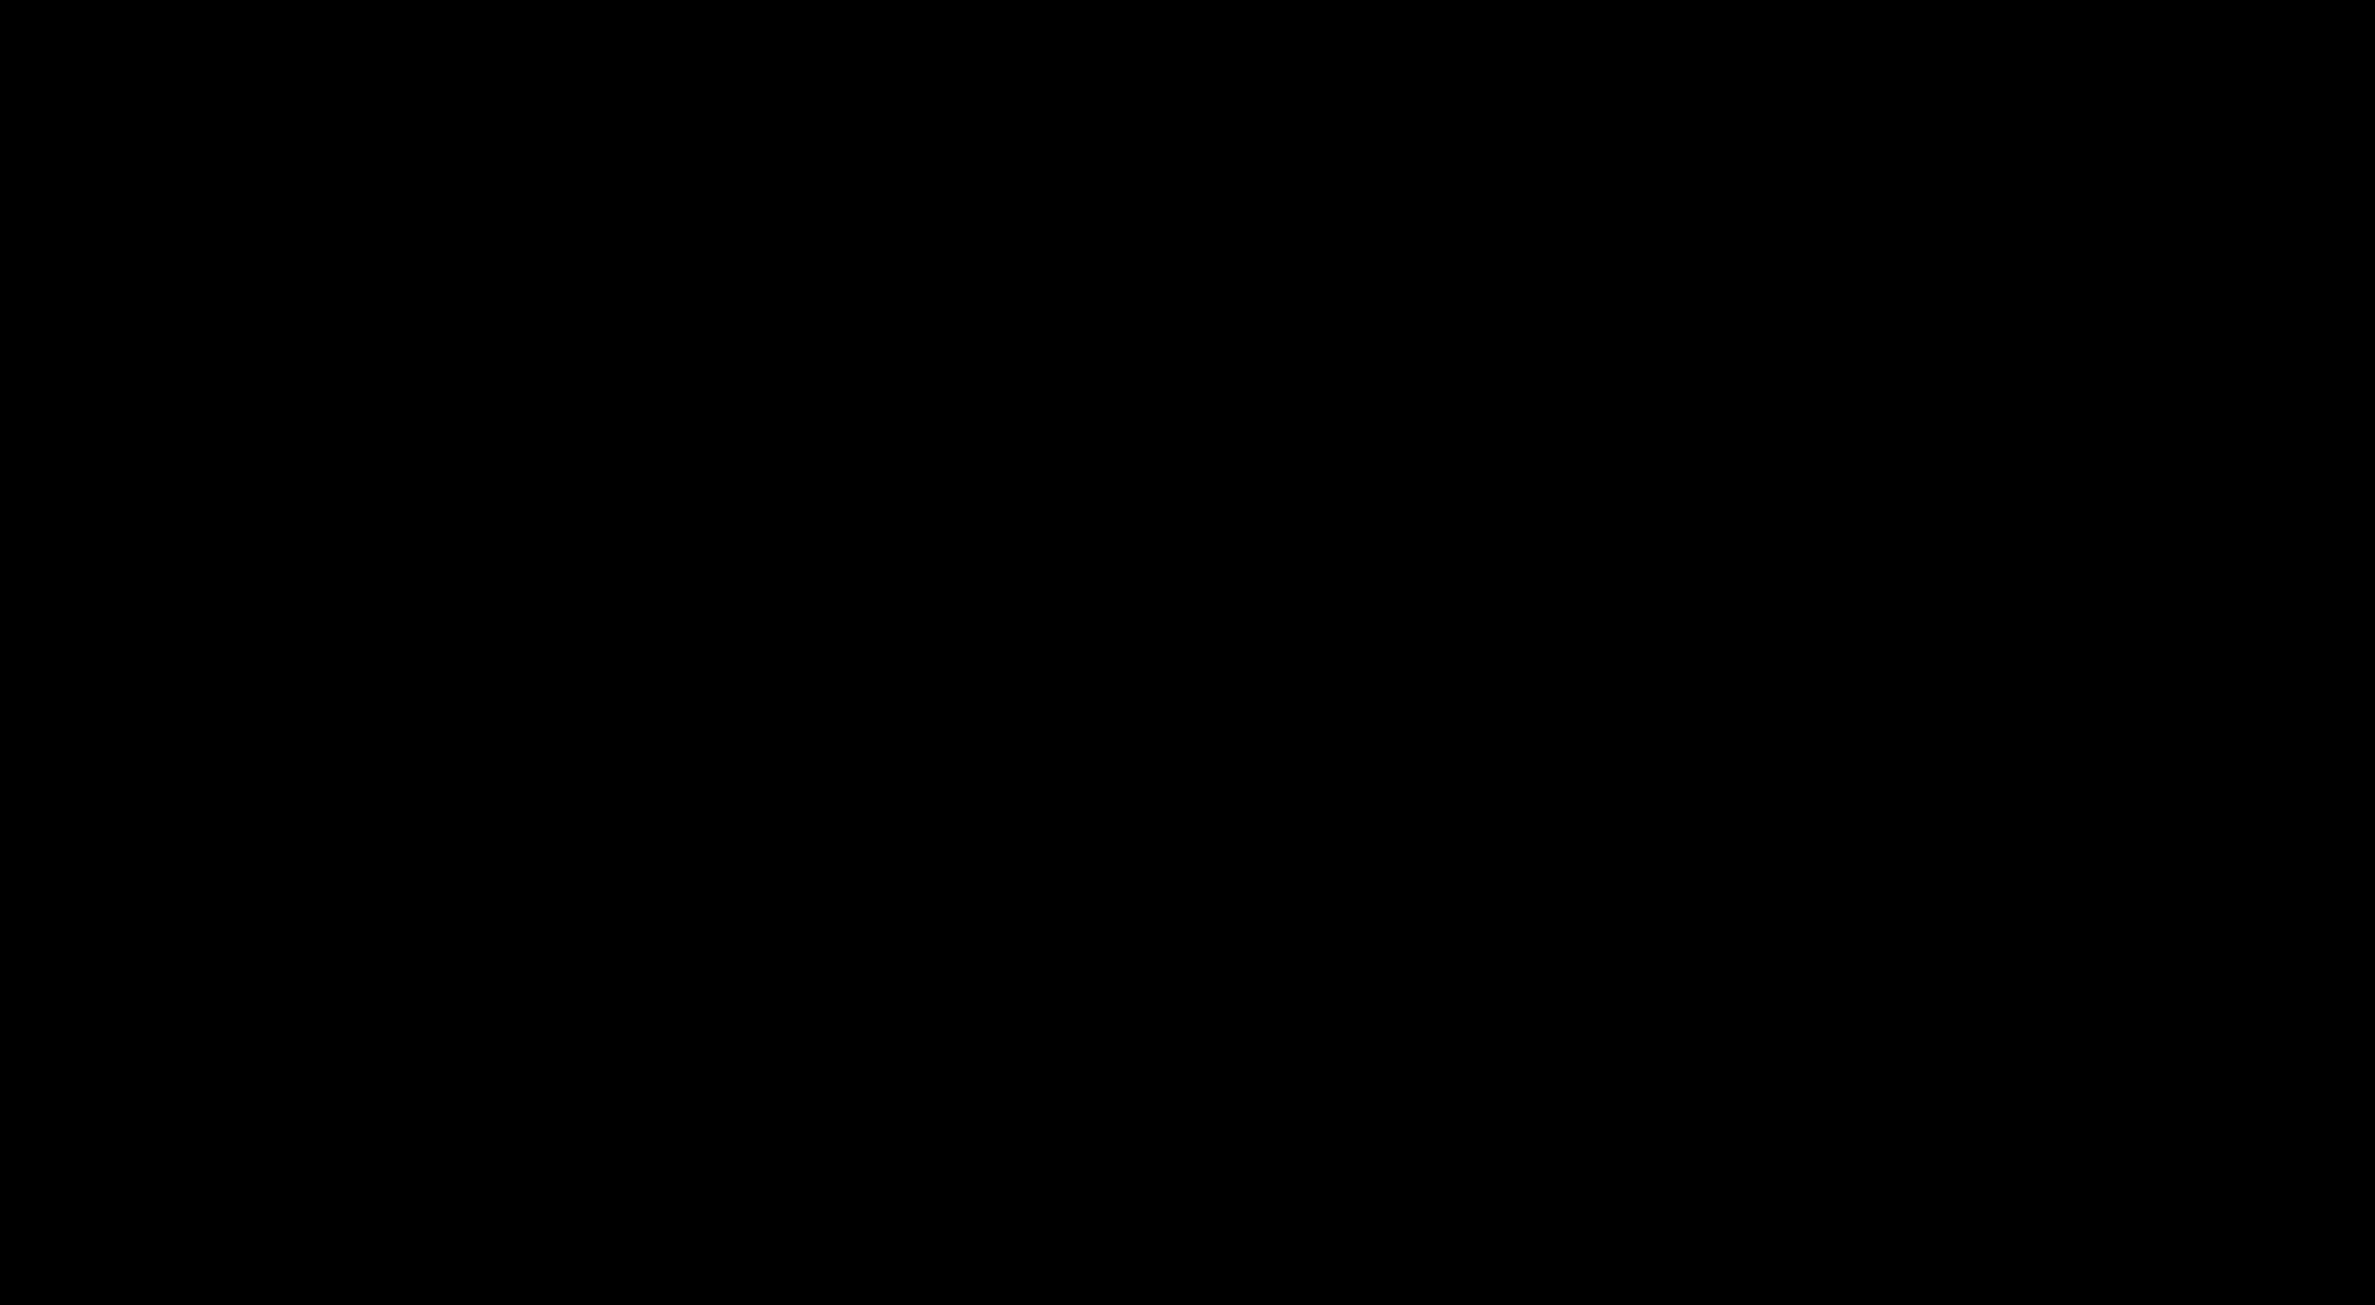 нотный стан рисунок на прозрачном фоне того, при первом